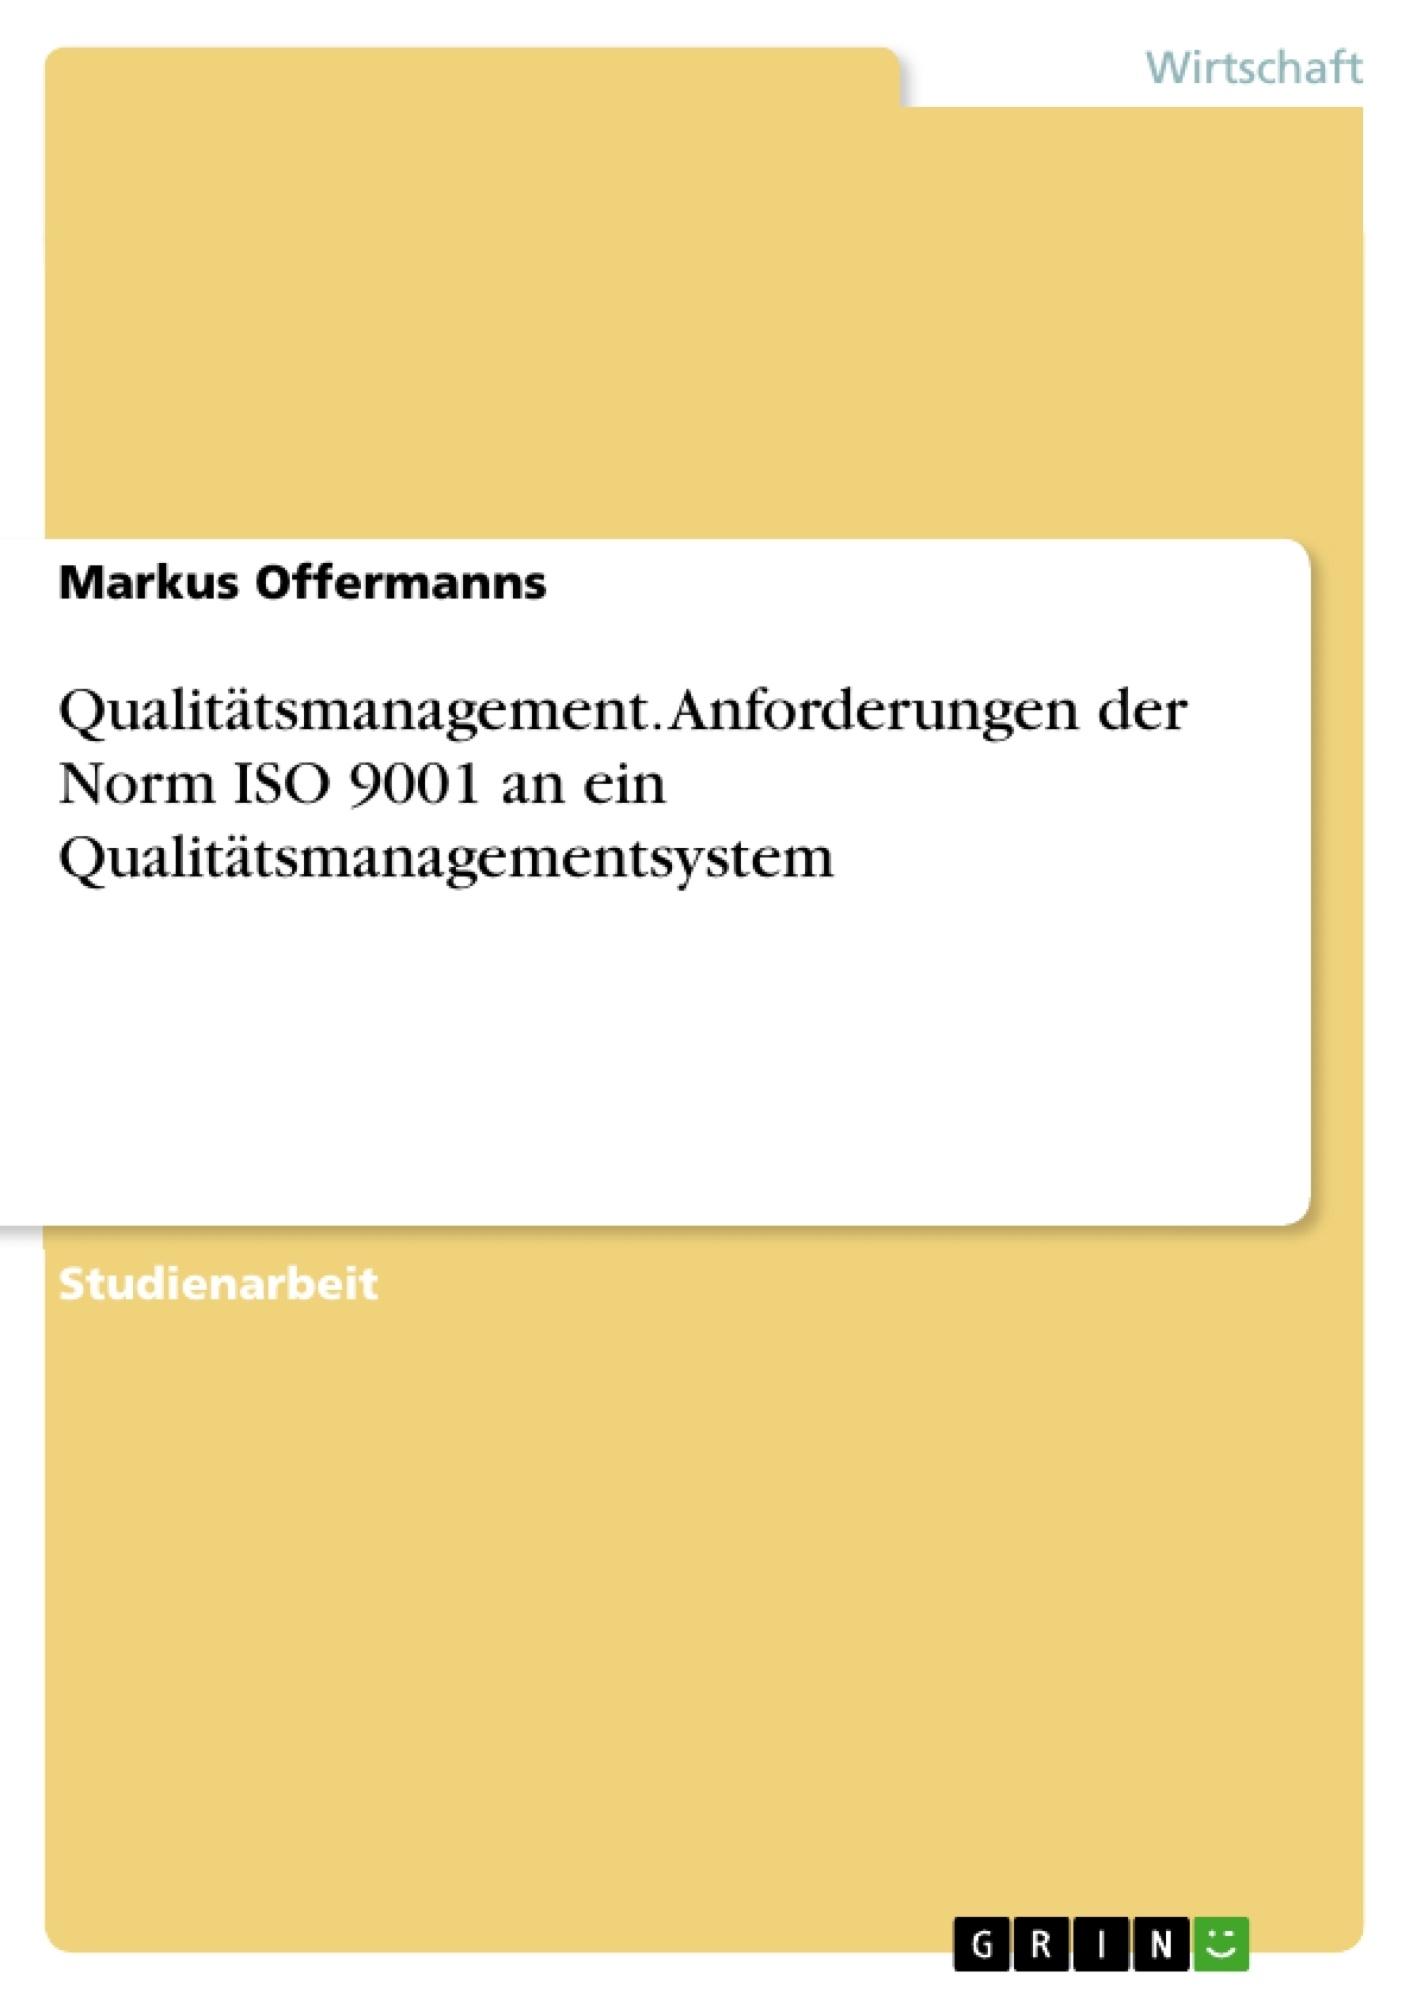 Titel: Qualitätsmanagement. Anforderungen der Norm ISO 9001 an ein Qualitätsmanagementsystem